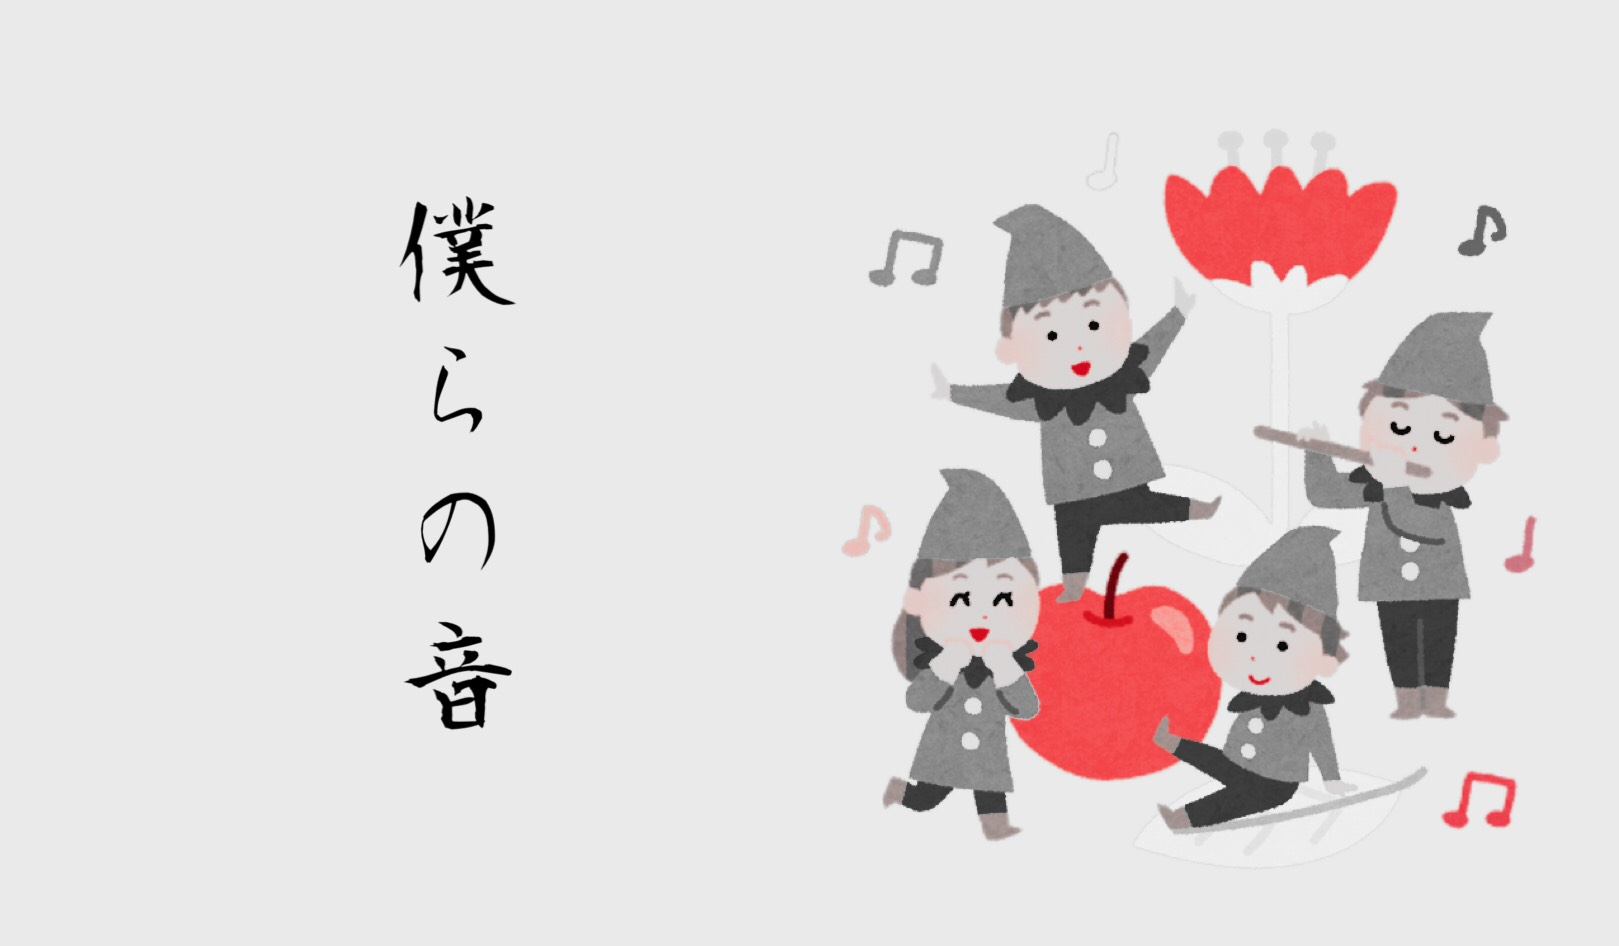 「僕らの音」のイメージ